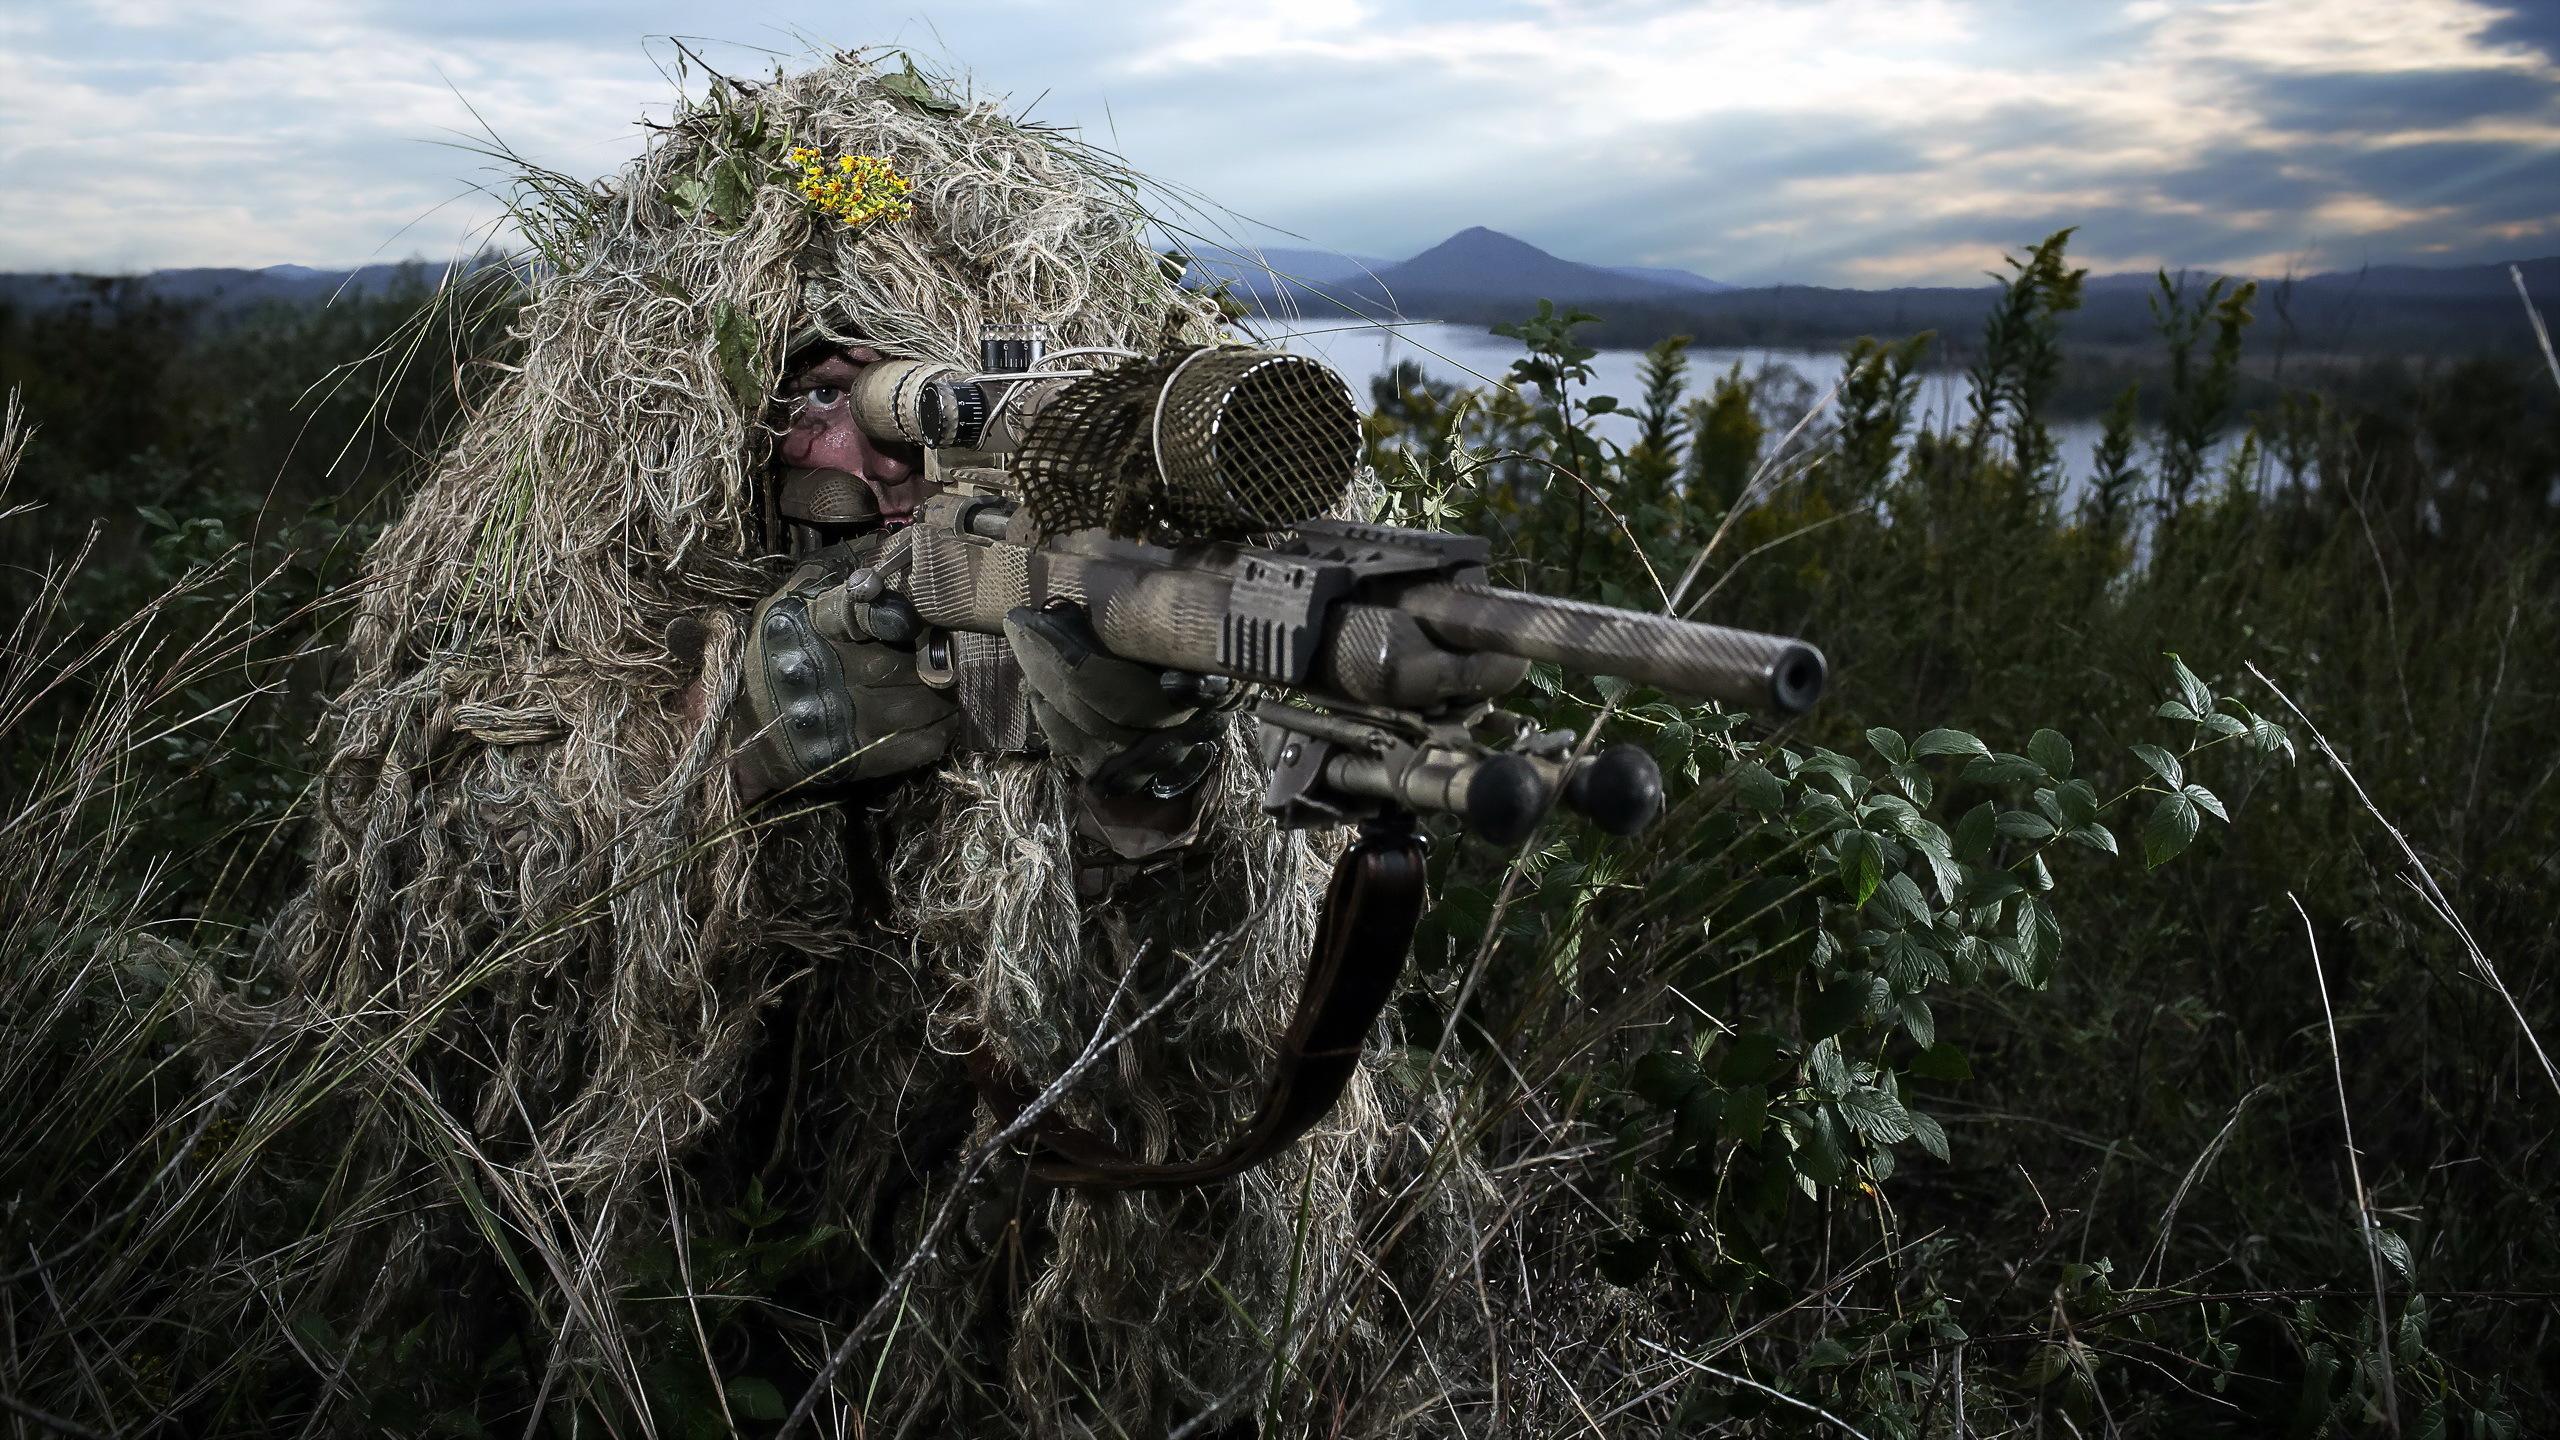 Free Sniper Wallpaper WallpaperSafari